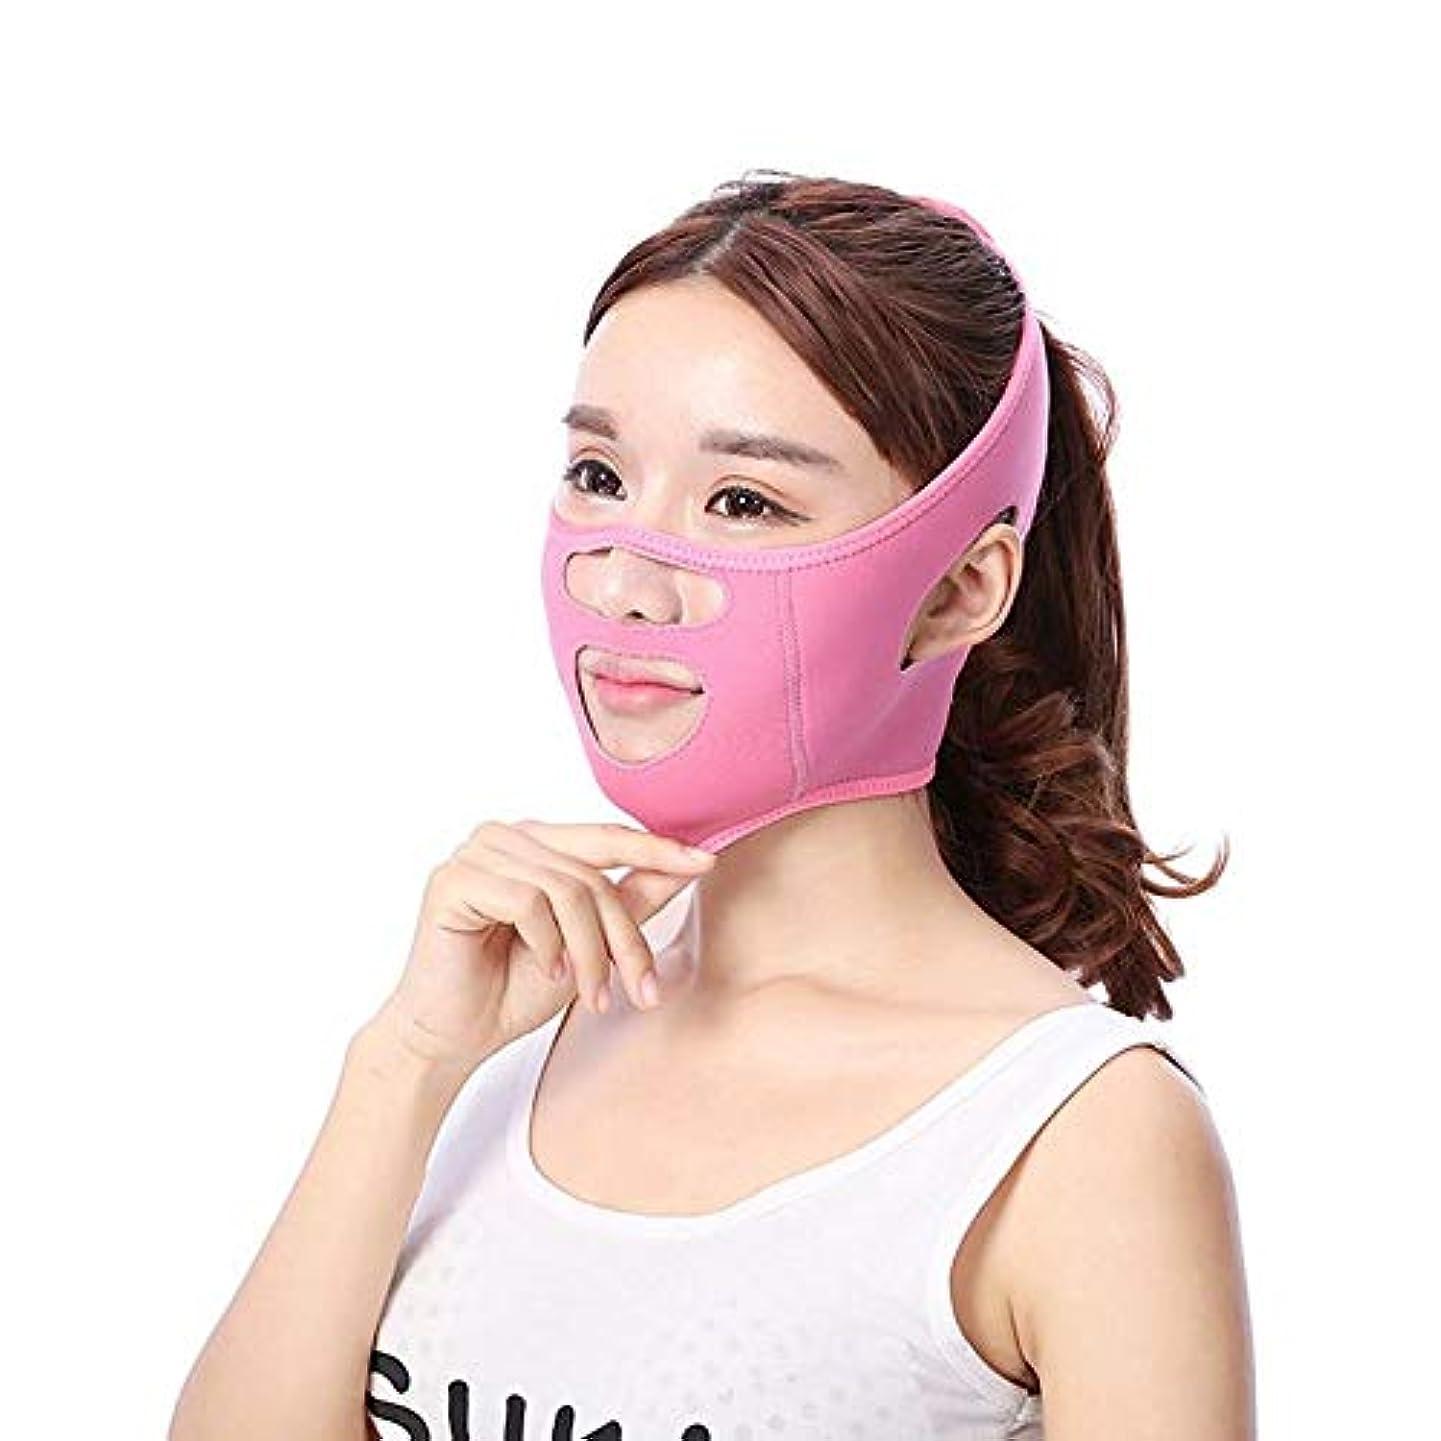 セクション委員会書誌GYZ シンフェイスアーティファクトリフティング引き締めフェイス睡眠包帯フェイシャルリフティングアンチ垂れ下がり法律パターンステッカー8ワード口角 - ピンク Thin Face Belt